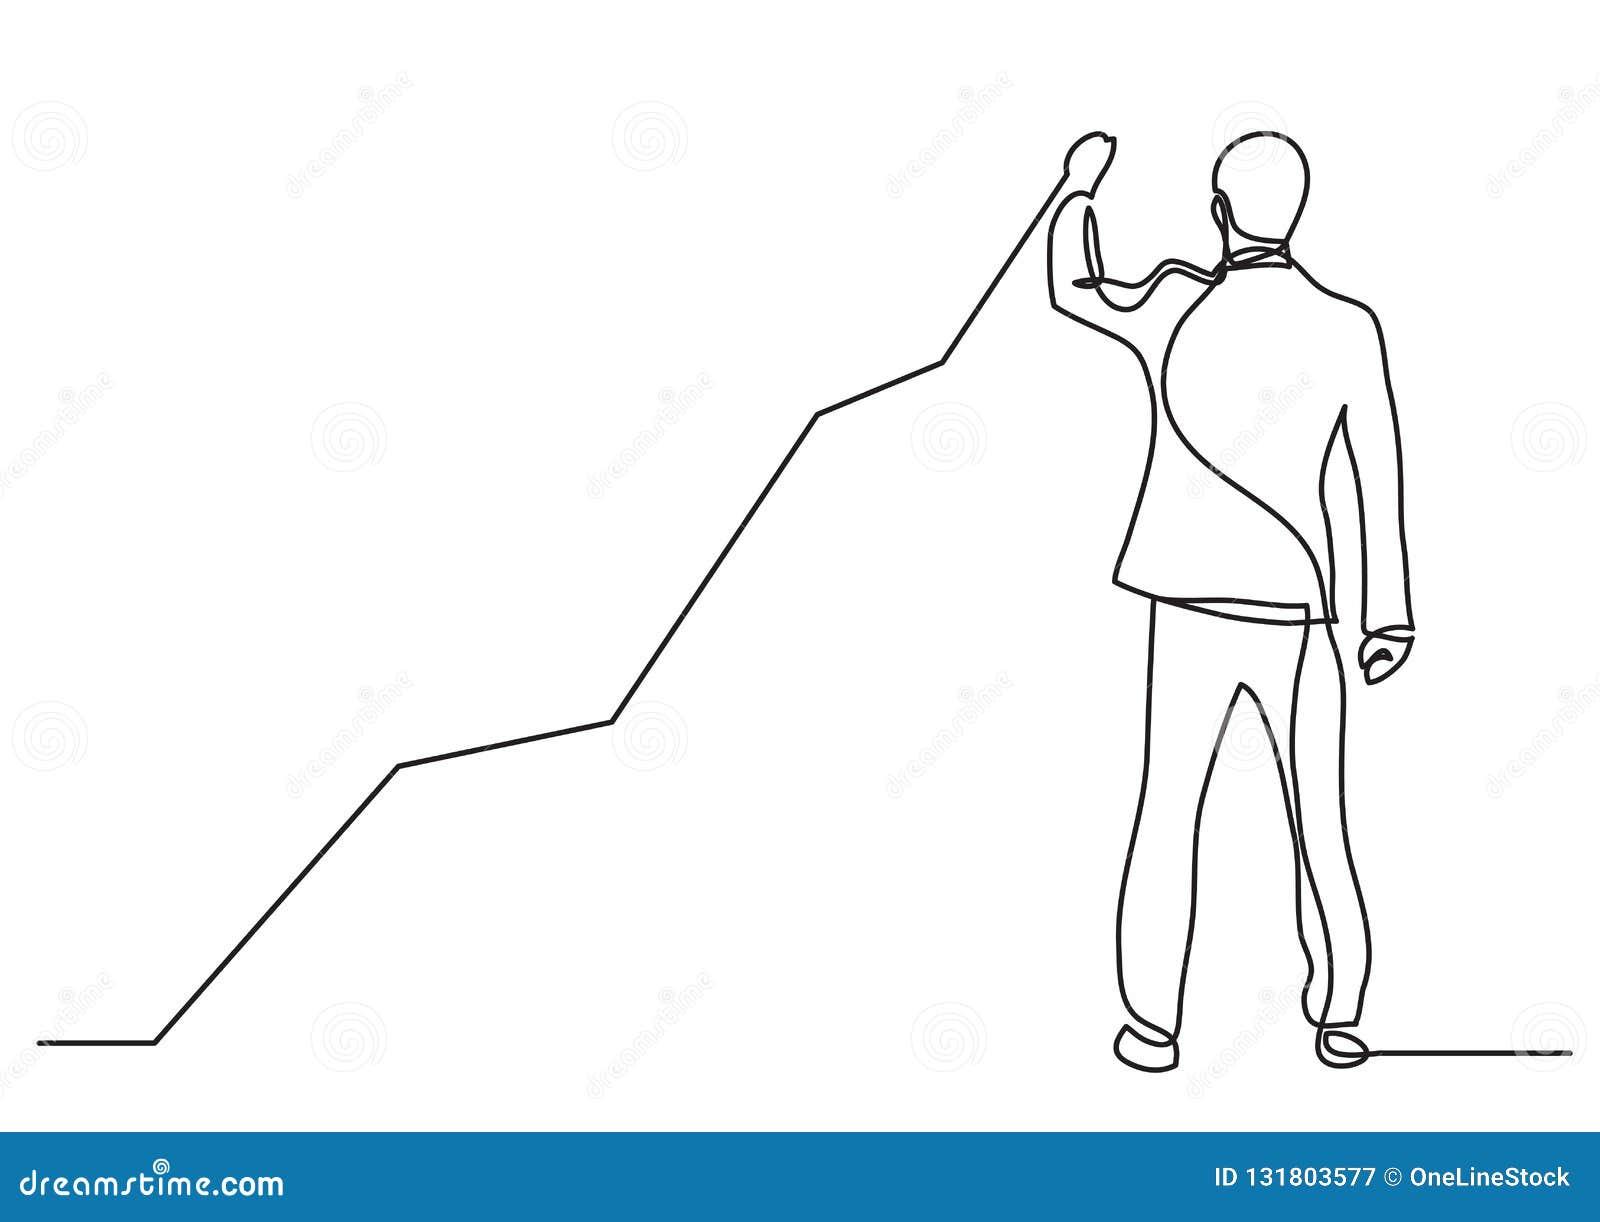 Συνεχές σχέδιο γραμμών της επιχειρησιακής κατάστασης - μόνιμο διάγραμμα αύξησης σχεδίων επιχειρηματιών